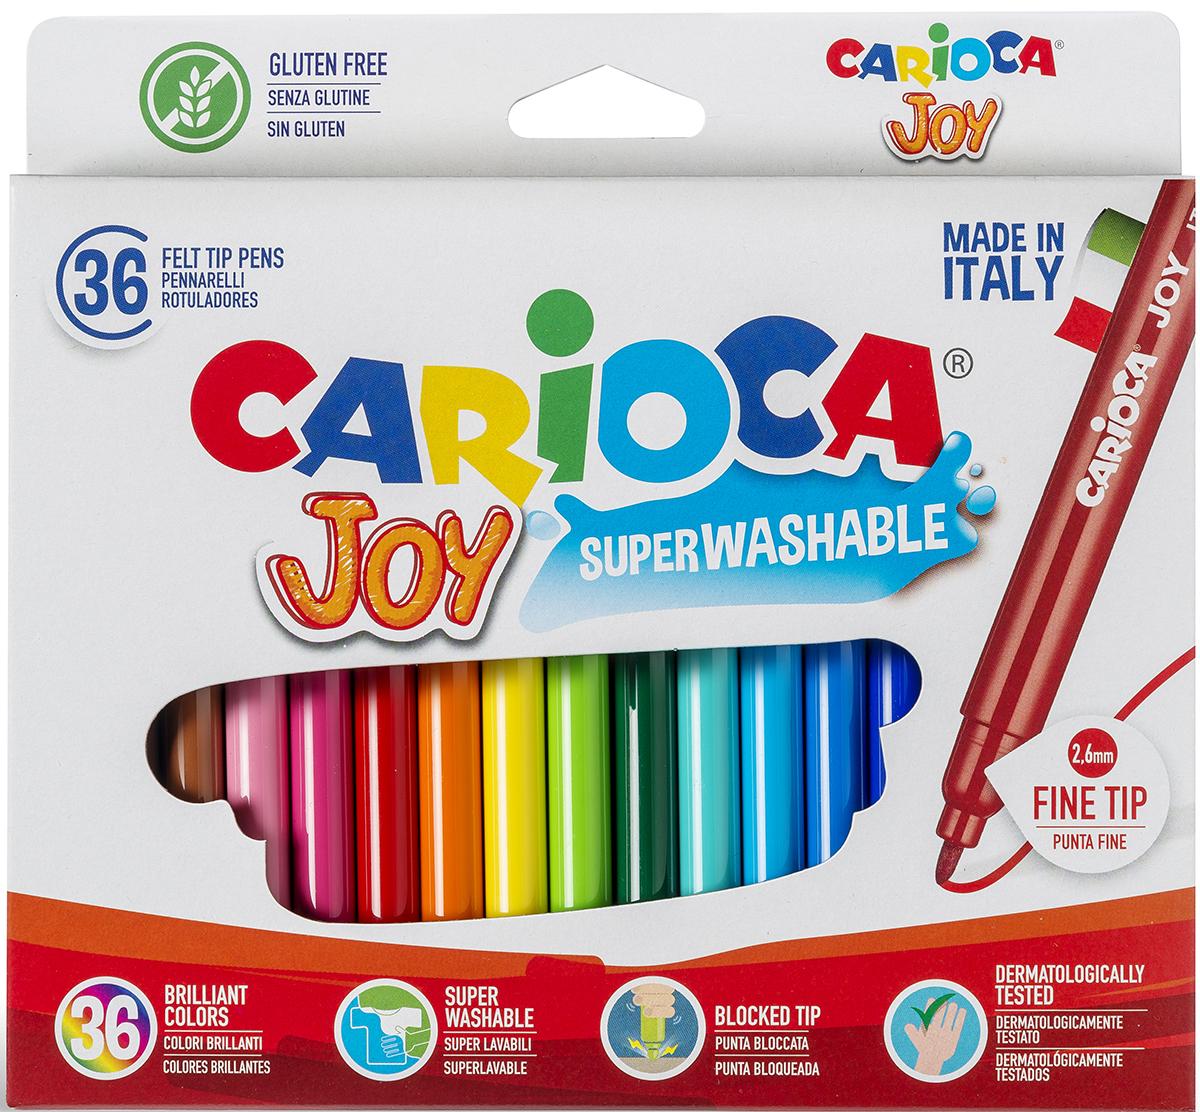 Набор фломастеров Carioca Joy, 36 цветов40616/36Набор Carioca Joy состоит из 36 разноцветных фломастеров, которые отлично подойдут и для школьных занятий, и просто для рисования.Фломастеры рисуют яркими насыщенными цветами. Чернила на водной основе легко смываются с кожи и отстирываются с большинства тканей. Корпус фломастеров изготовлен из полипропилена, а колпачок имеет специальные прорези, что обеспечивает вентилирование и еще больше увеличивает срок службы чернил и предотвращает их преждевременное высыхание.